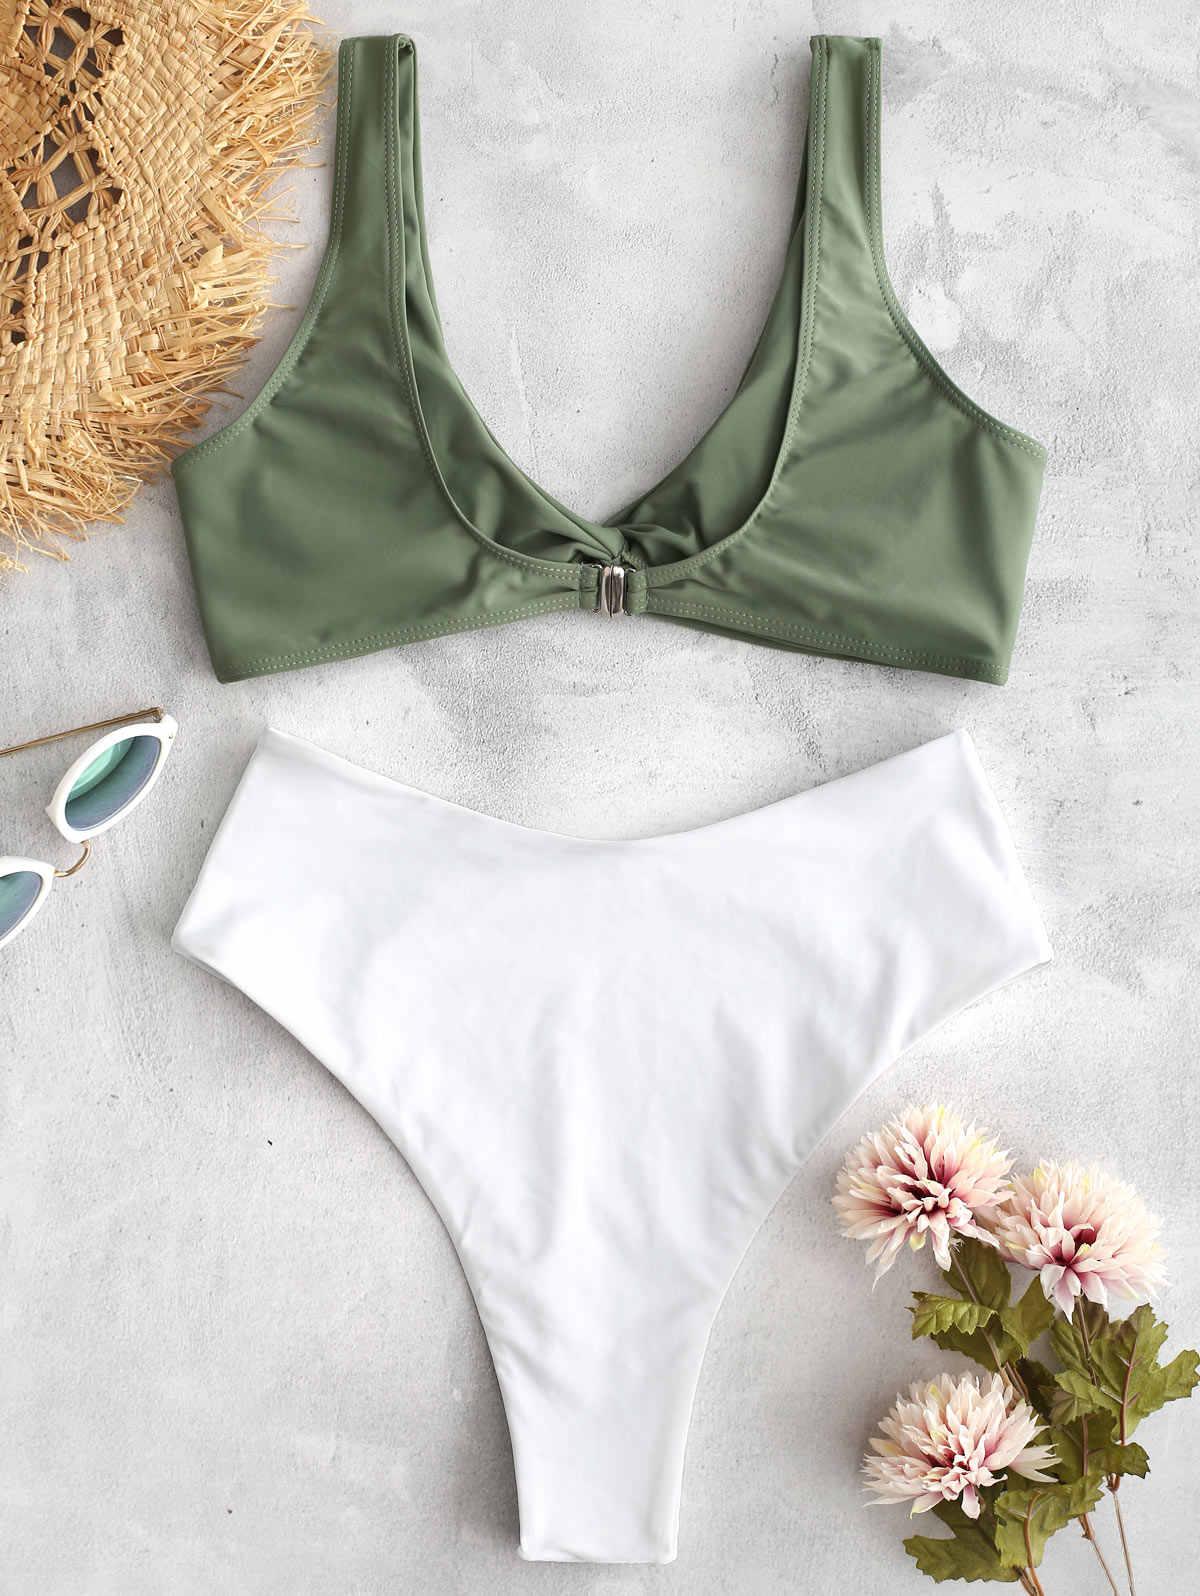 ZAFUL Sport niebieski i biały dwukolorowy Twist top bez ramiączek z falbanką wykończenia Bikini Set Summer Beach Sexy bezprzewodowy strój kąpielowy dla kobiet